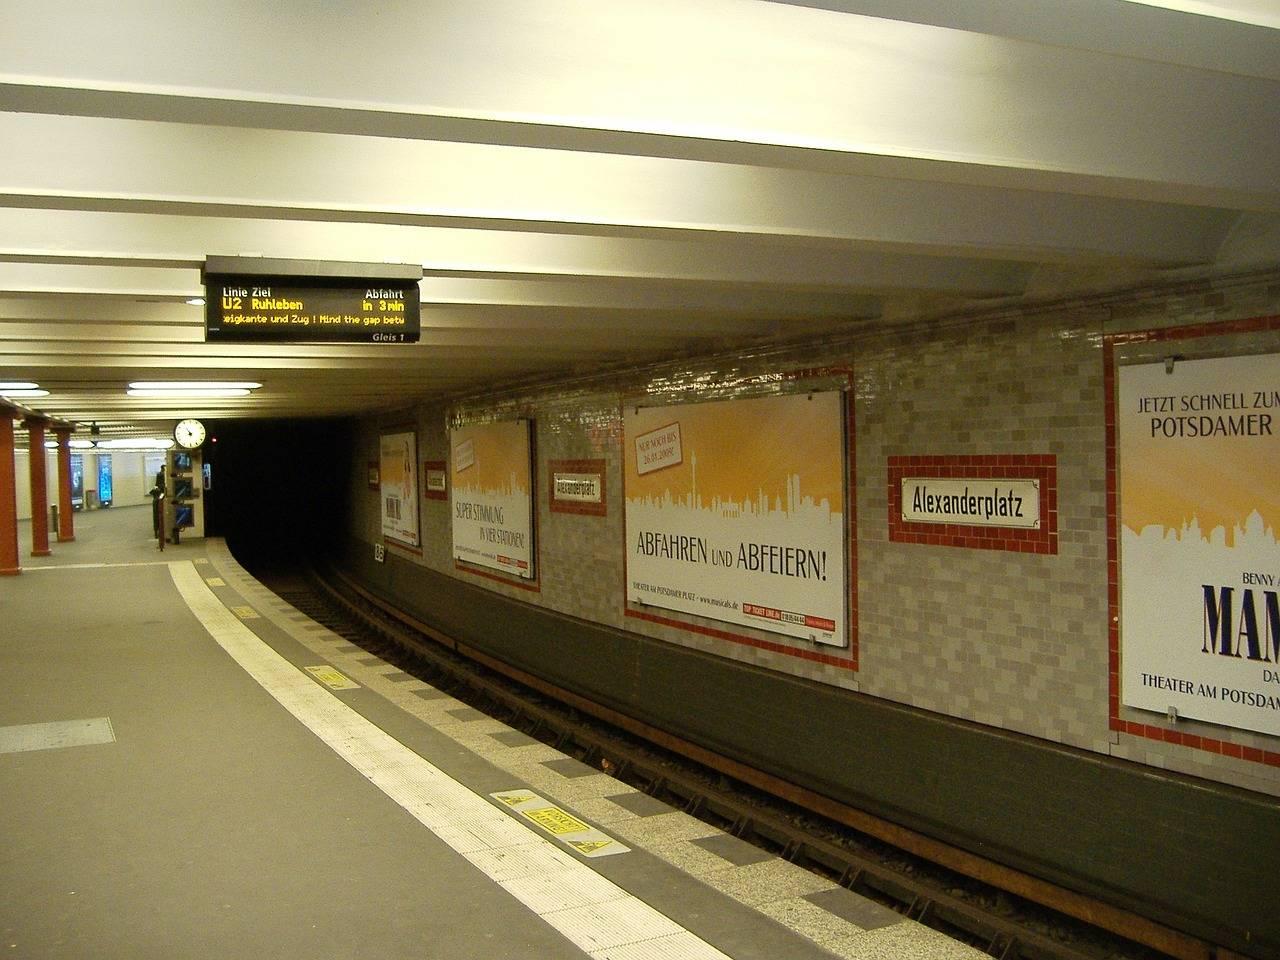 Метро мюнхена — карта схема с зонами, билеты и стоимость проезда, фото и отзывы туристов